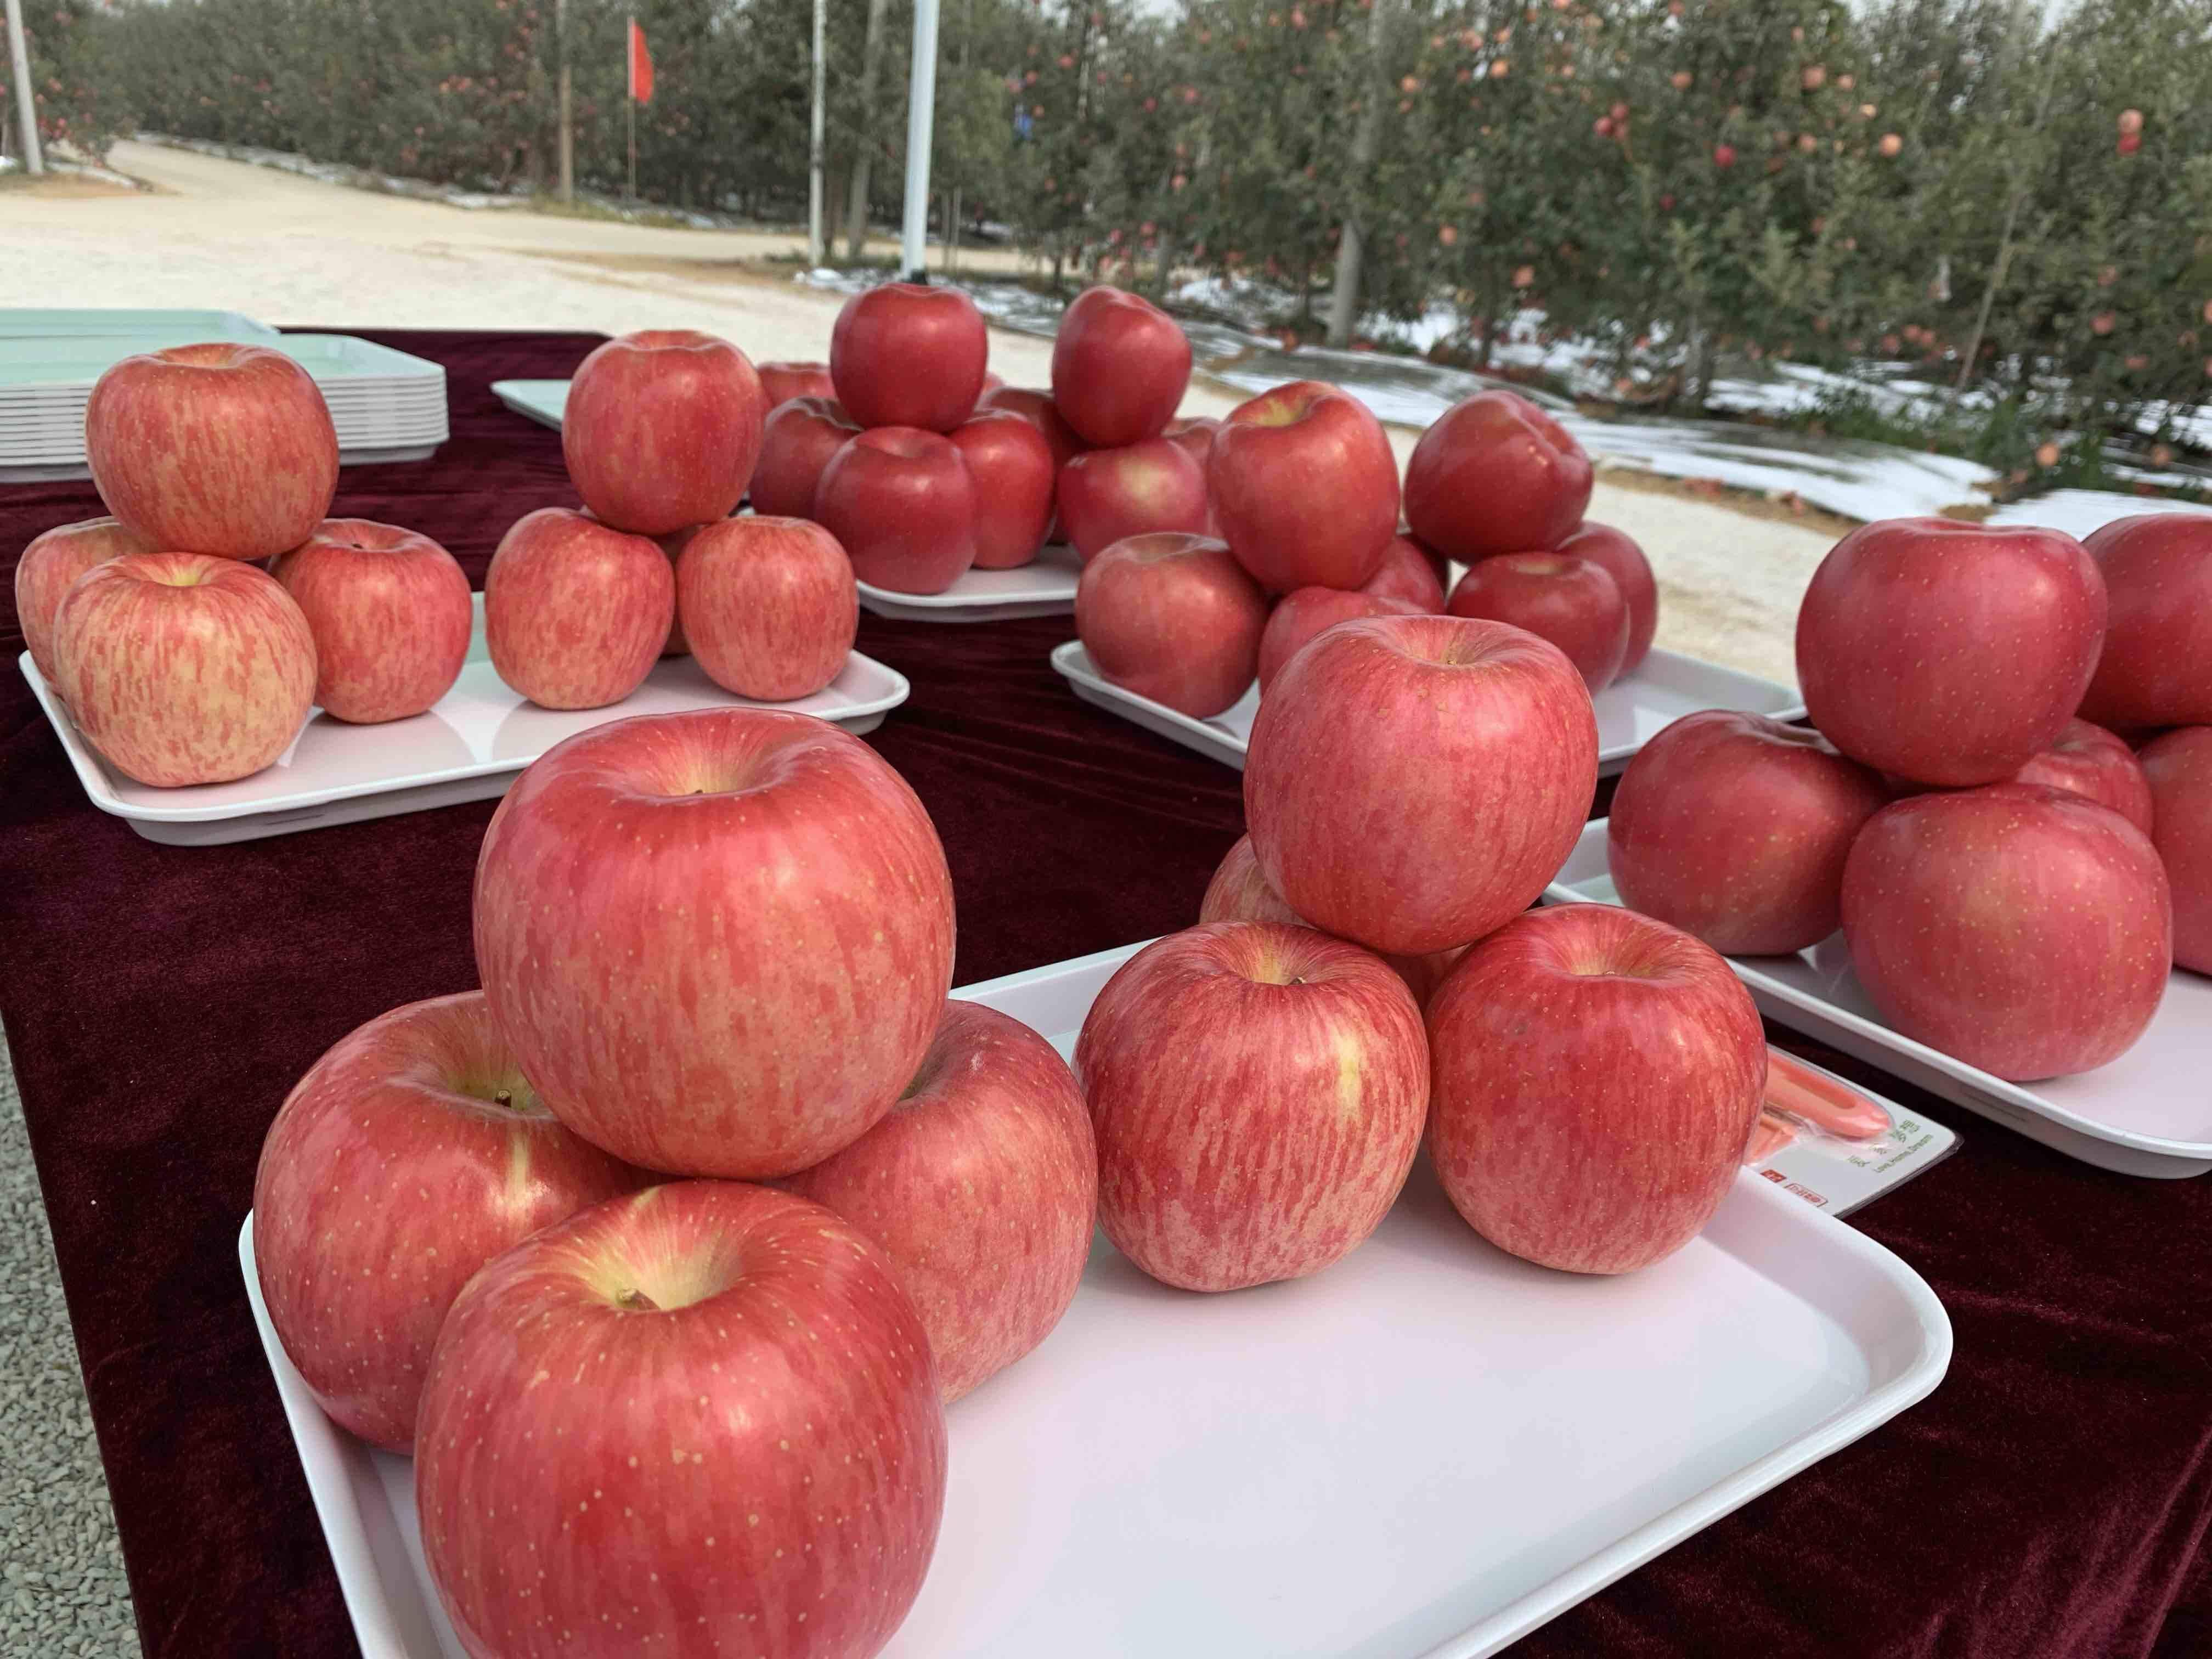 金秋十月相约果都栖霞 和红彤彤的苹果来场约会吧